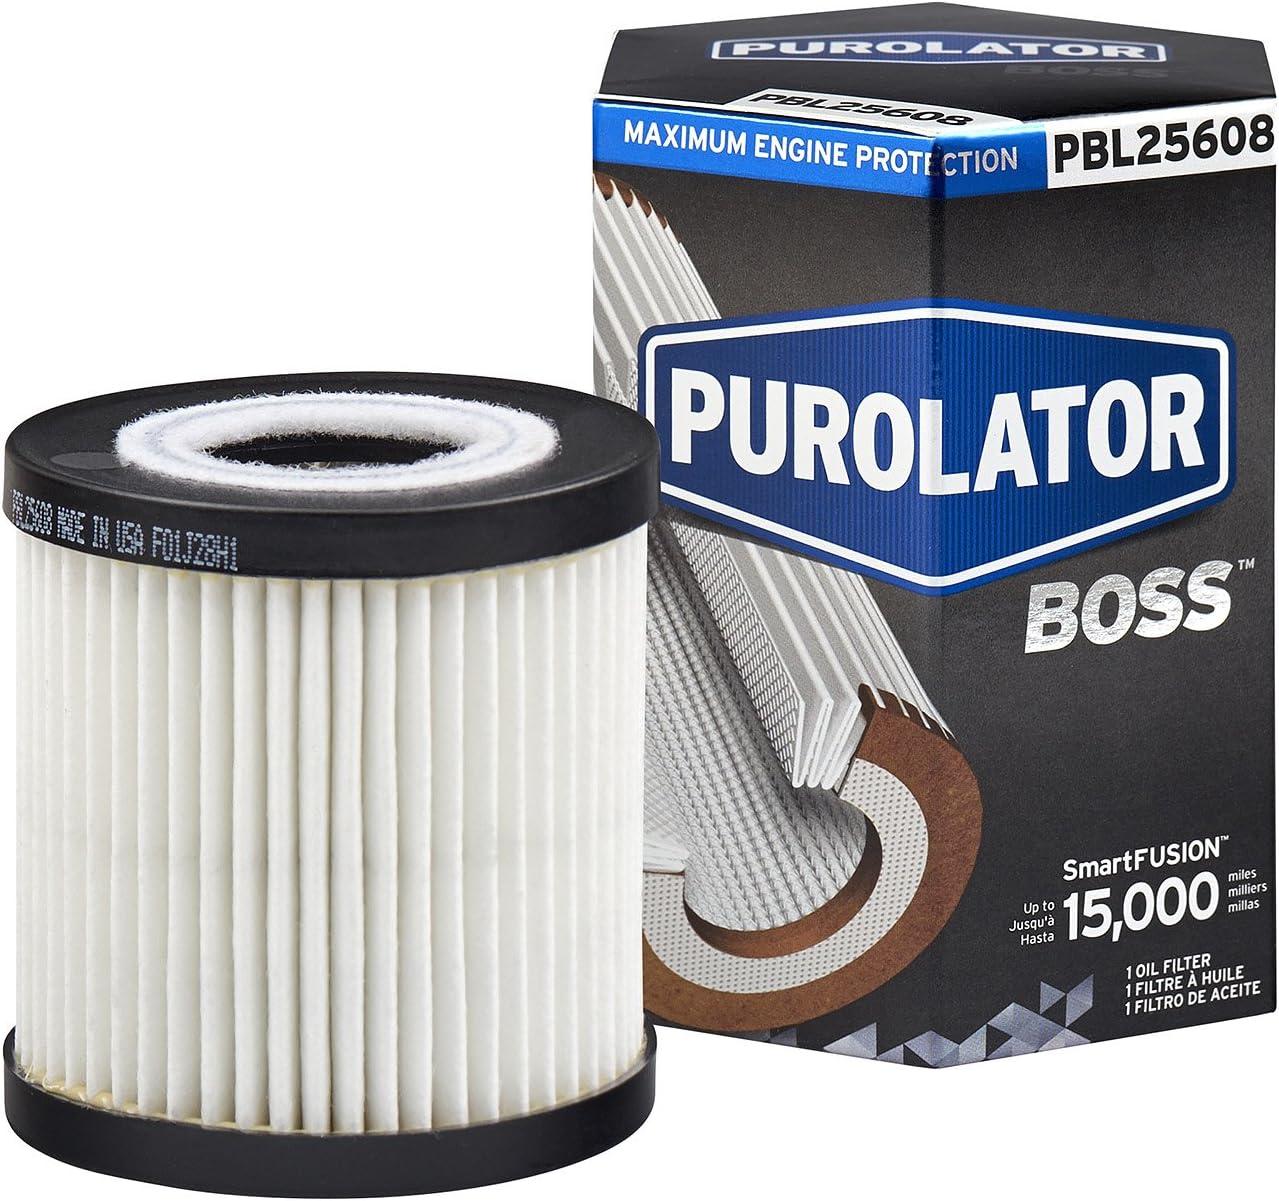 Purolator Pbl25608 Purolatorboss Maximaler Motorschutz Kartusche Ölfilter Auto